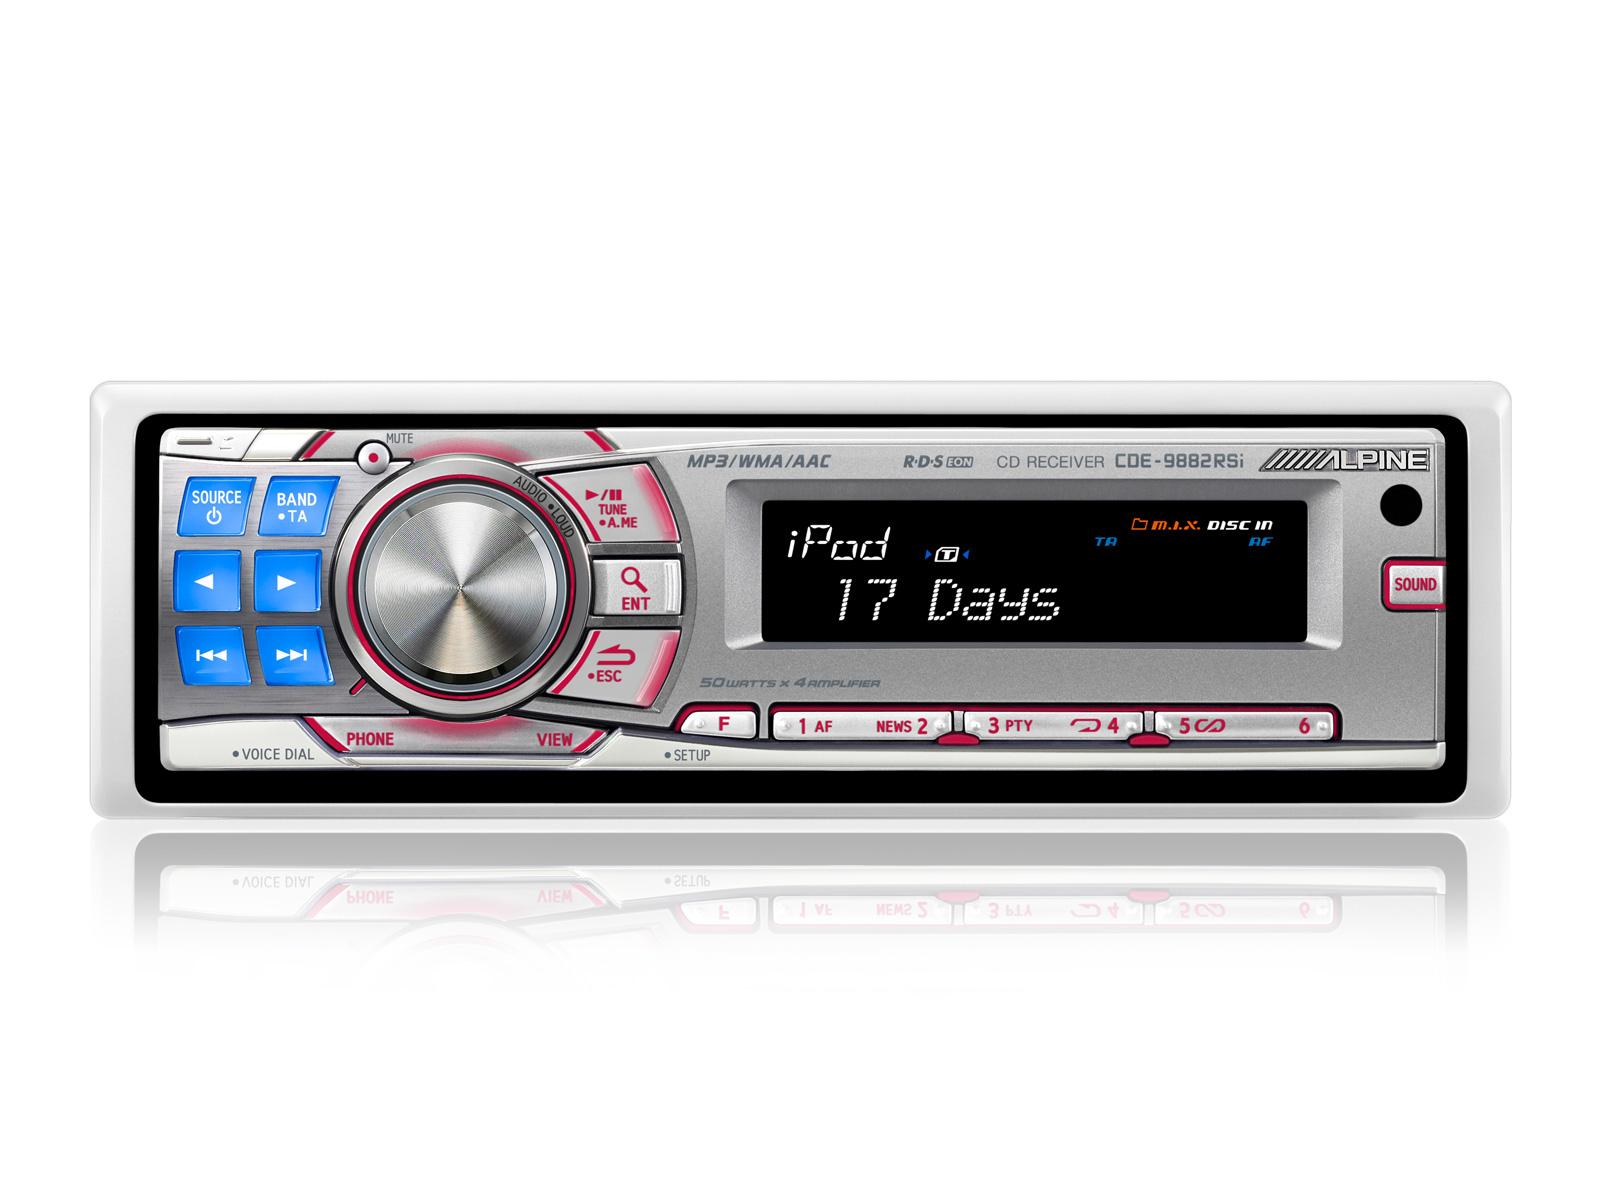 CD RÁDIÓERŐSÍTŐ / USB ÉS iPod® VEZÉRLŐ - Alpine - CDE-9882Ri